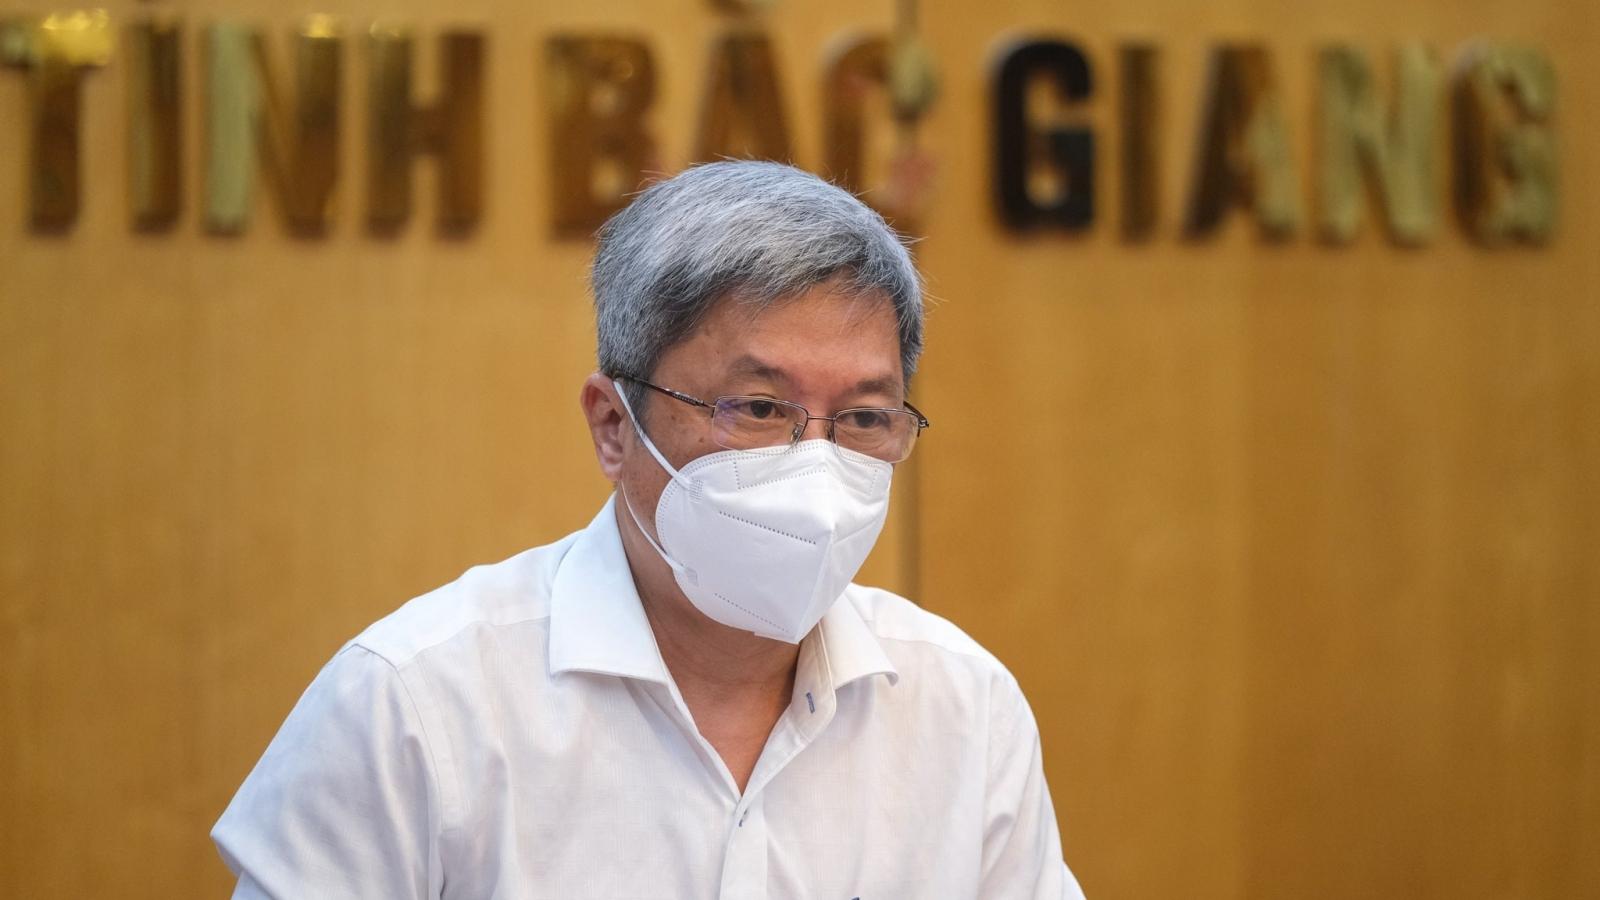 Thứ trưởng Bộ Y tế: Bắc Giang khẩn trương khoanh vùng, cách ly để dịch không lan rộng